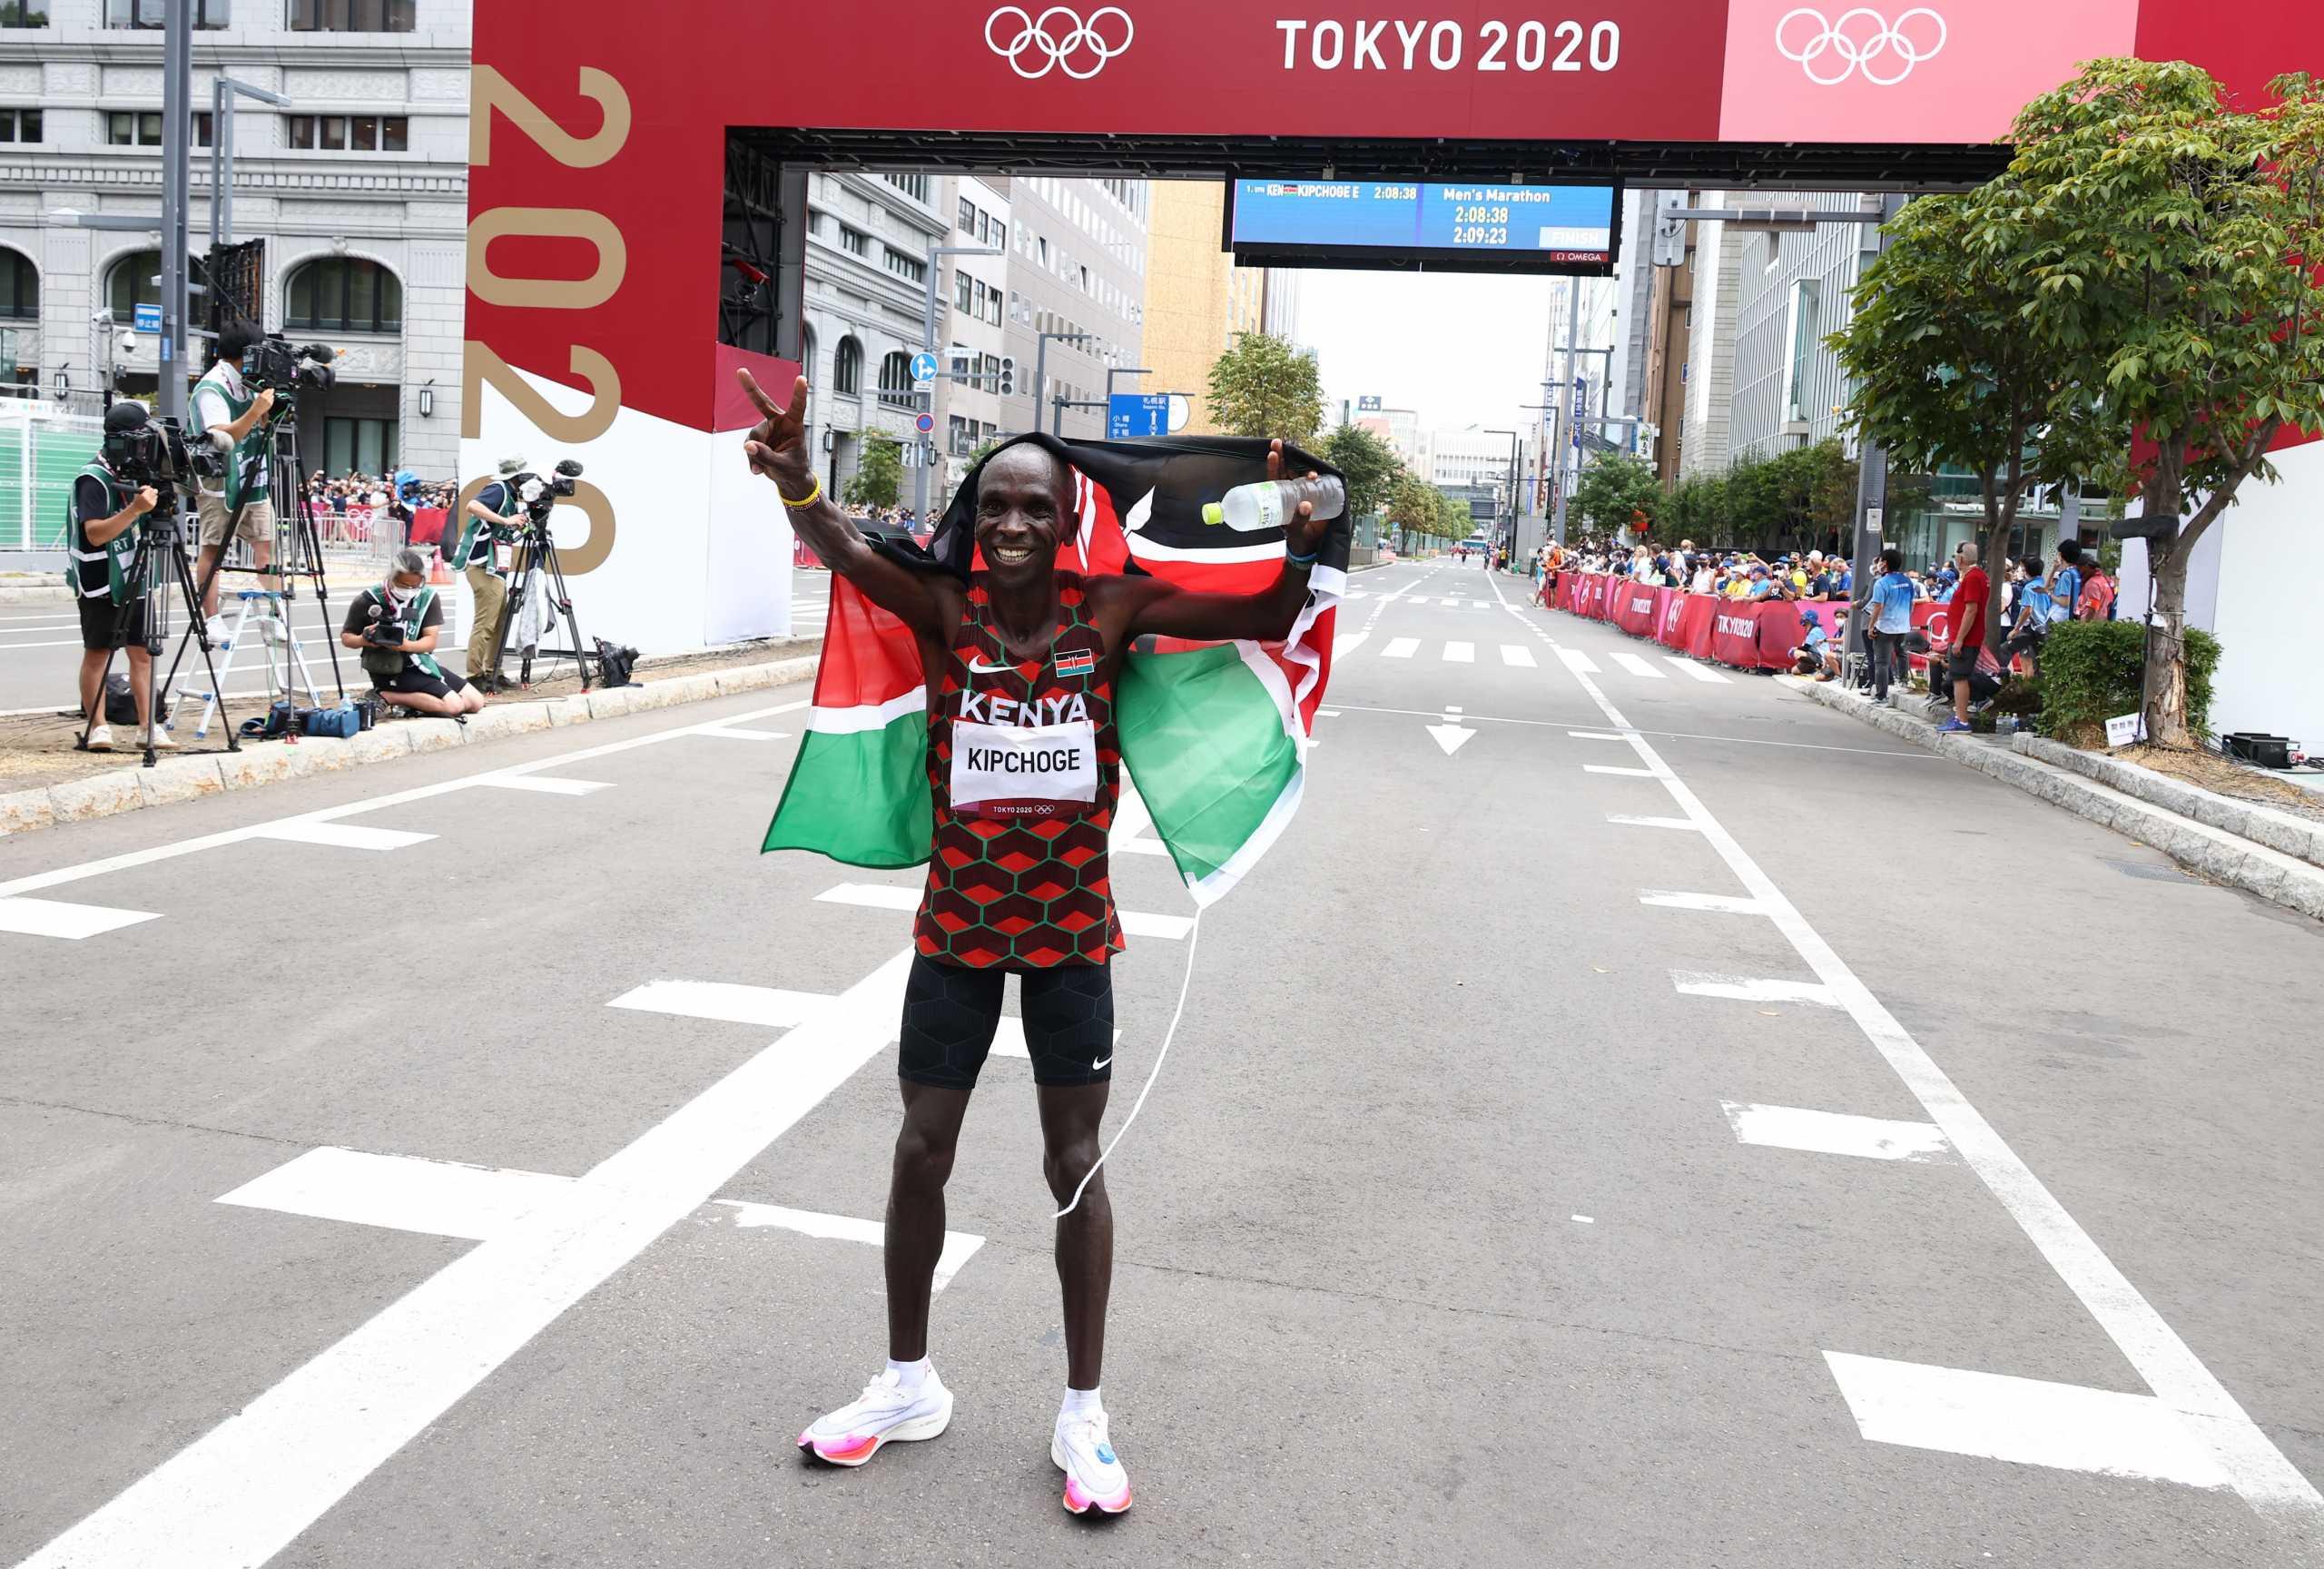 Ολυμπιακοί Αγώνες: «Βασιλιάς» του Μαραθωνίου και στο Τόκιο ο Κιπτσόγκε